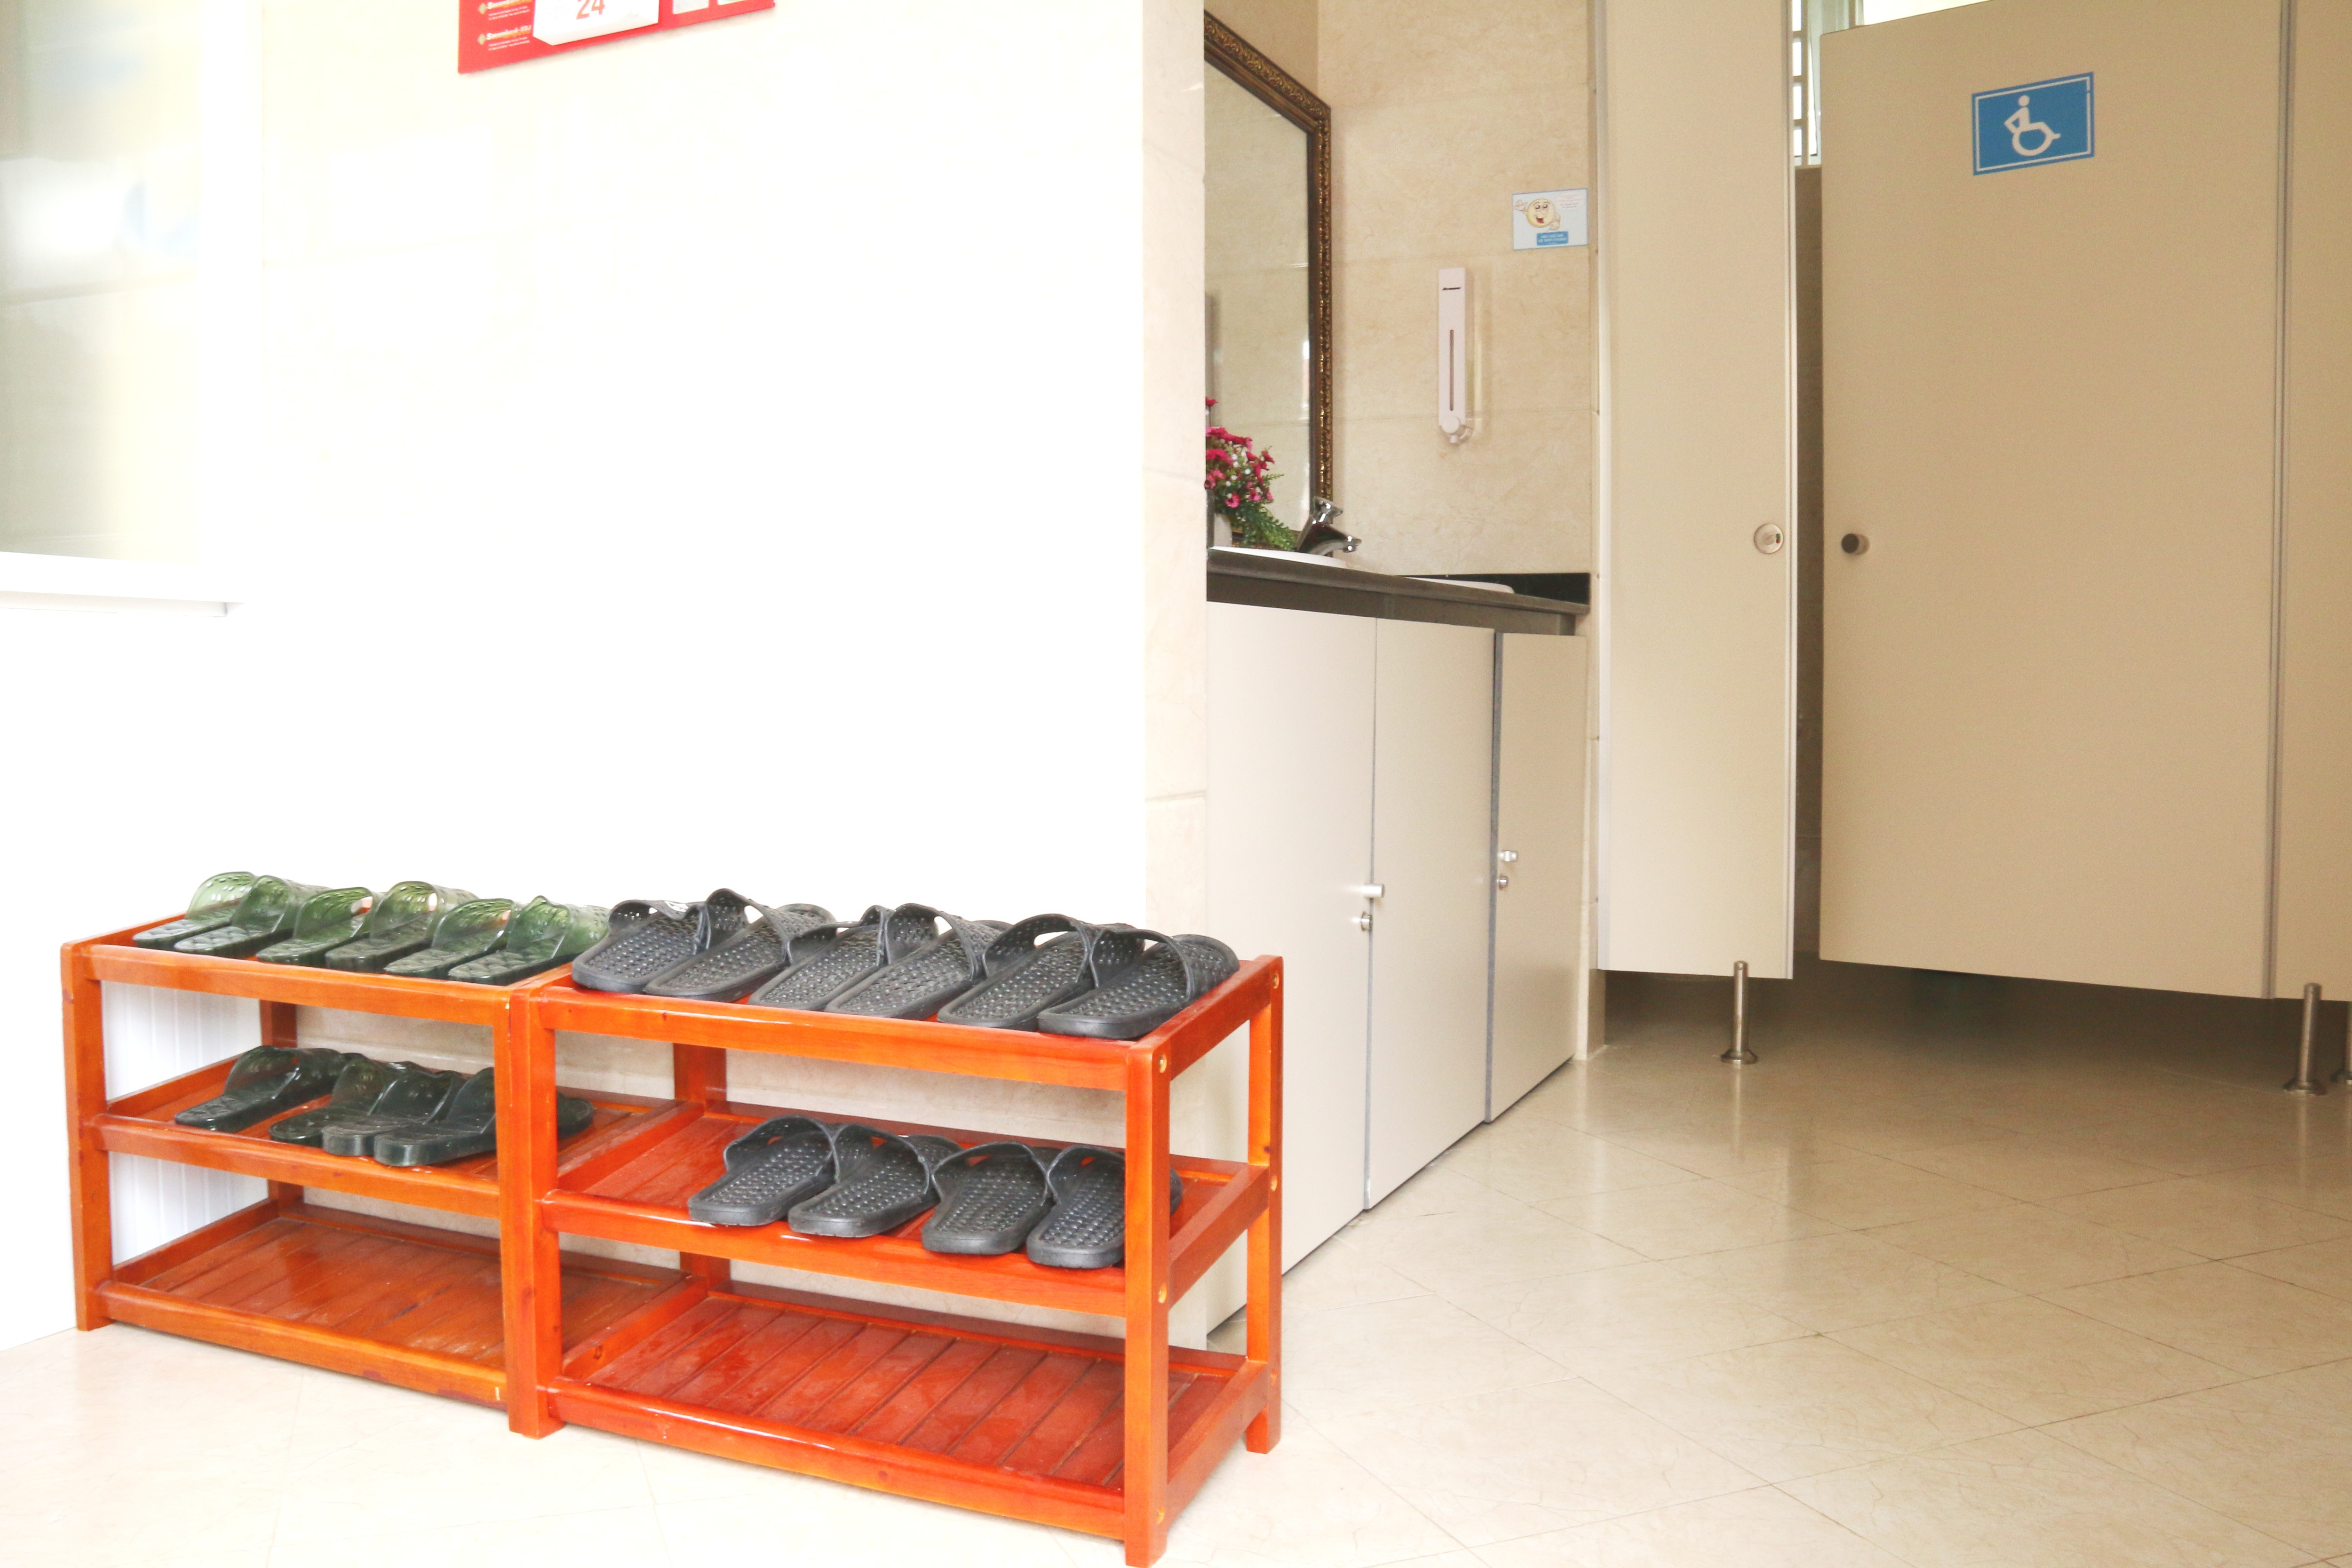 Khi vào sử dụng nhà vệ sinh, khách sẽ được nhân viên hướng dẫn thay dép nhựa có sẵn ngay tại cửa để giữ vệ sinh chung